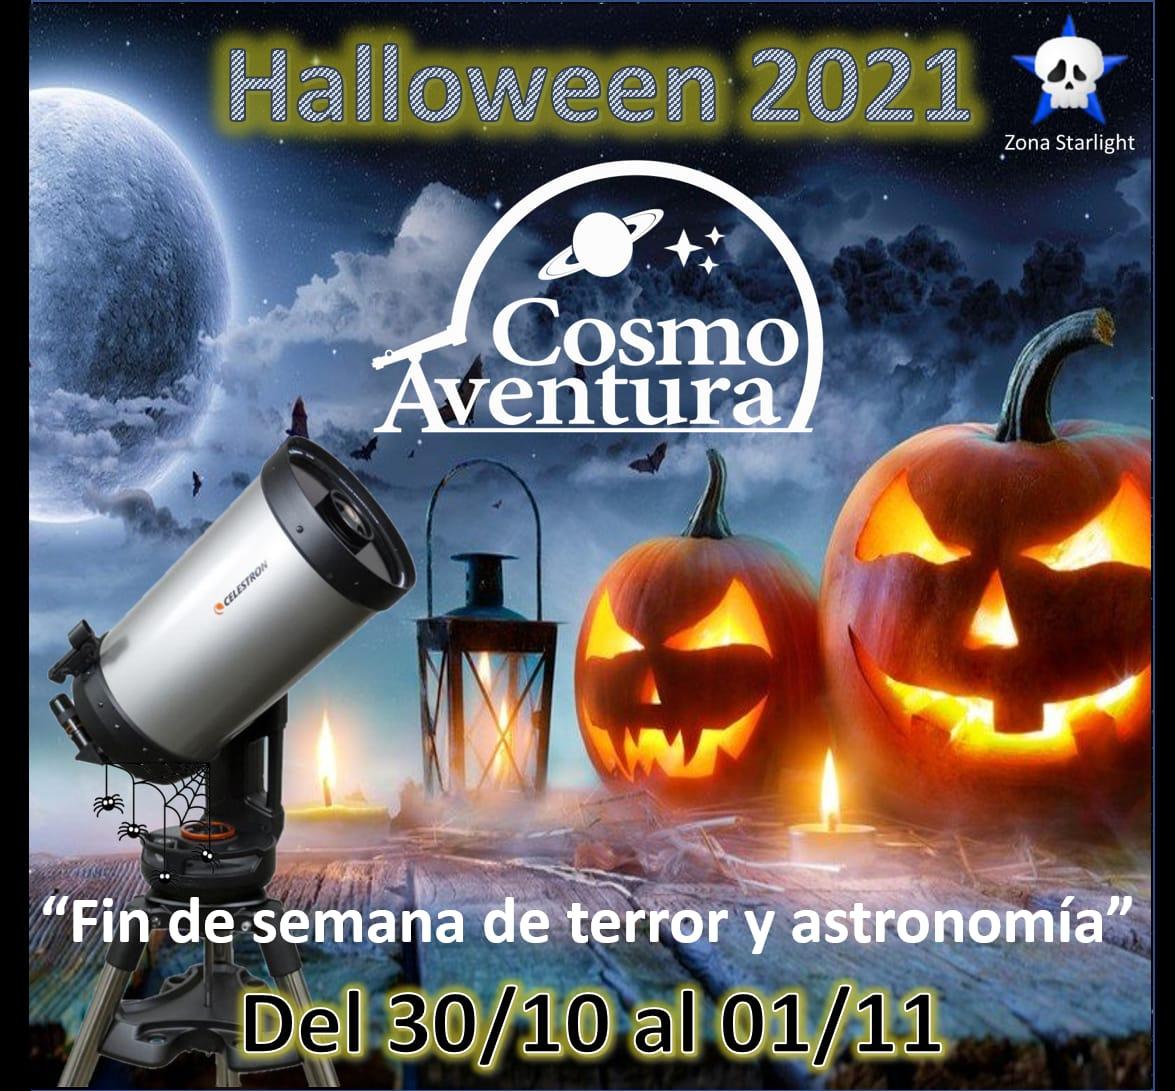 Anulado por Meteorología  –  Del 30/10 al 01/11 … ¡¡¡Vive un HALLOWEEN Astronómico en Serranillos (Sierra de Gredos)!!!